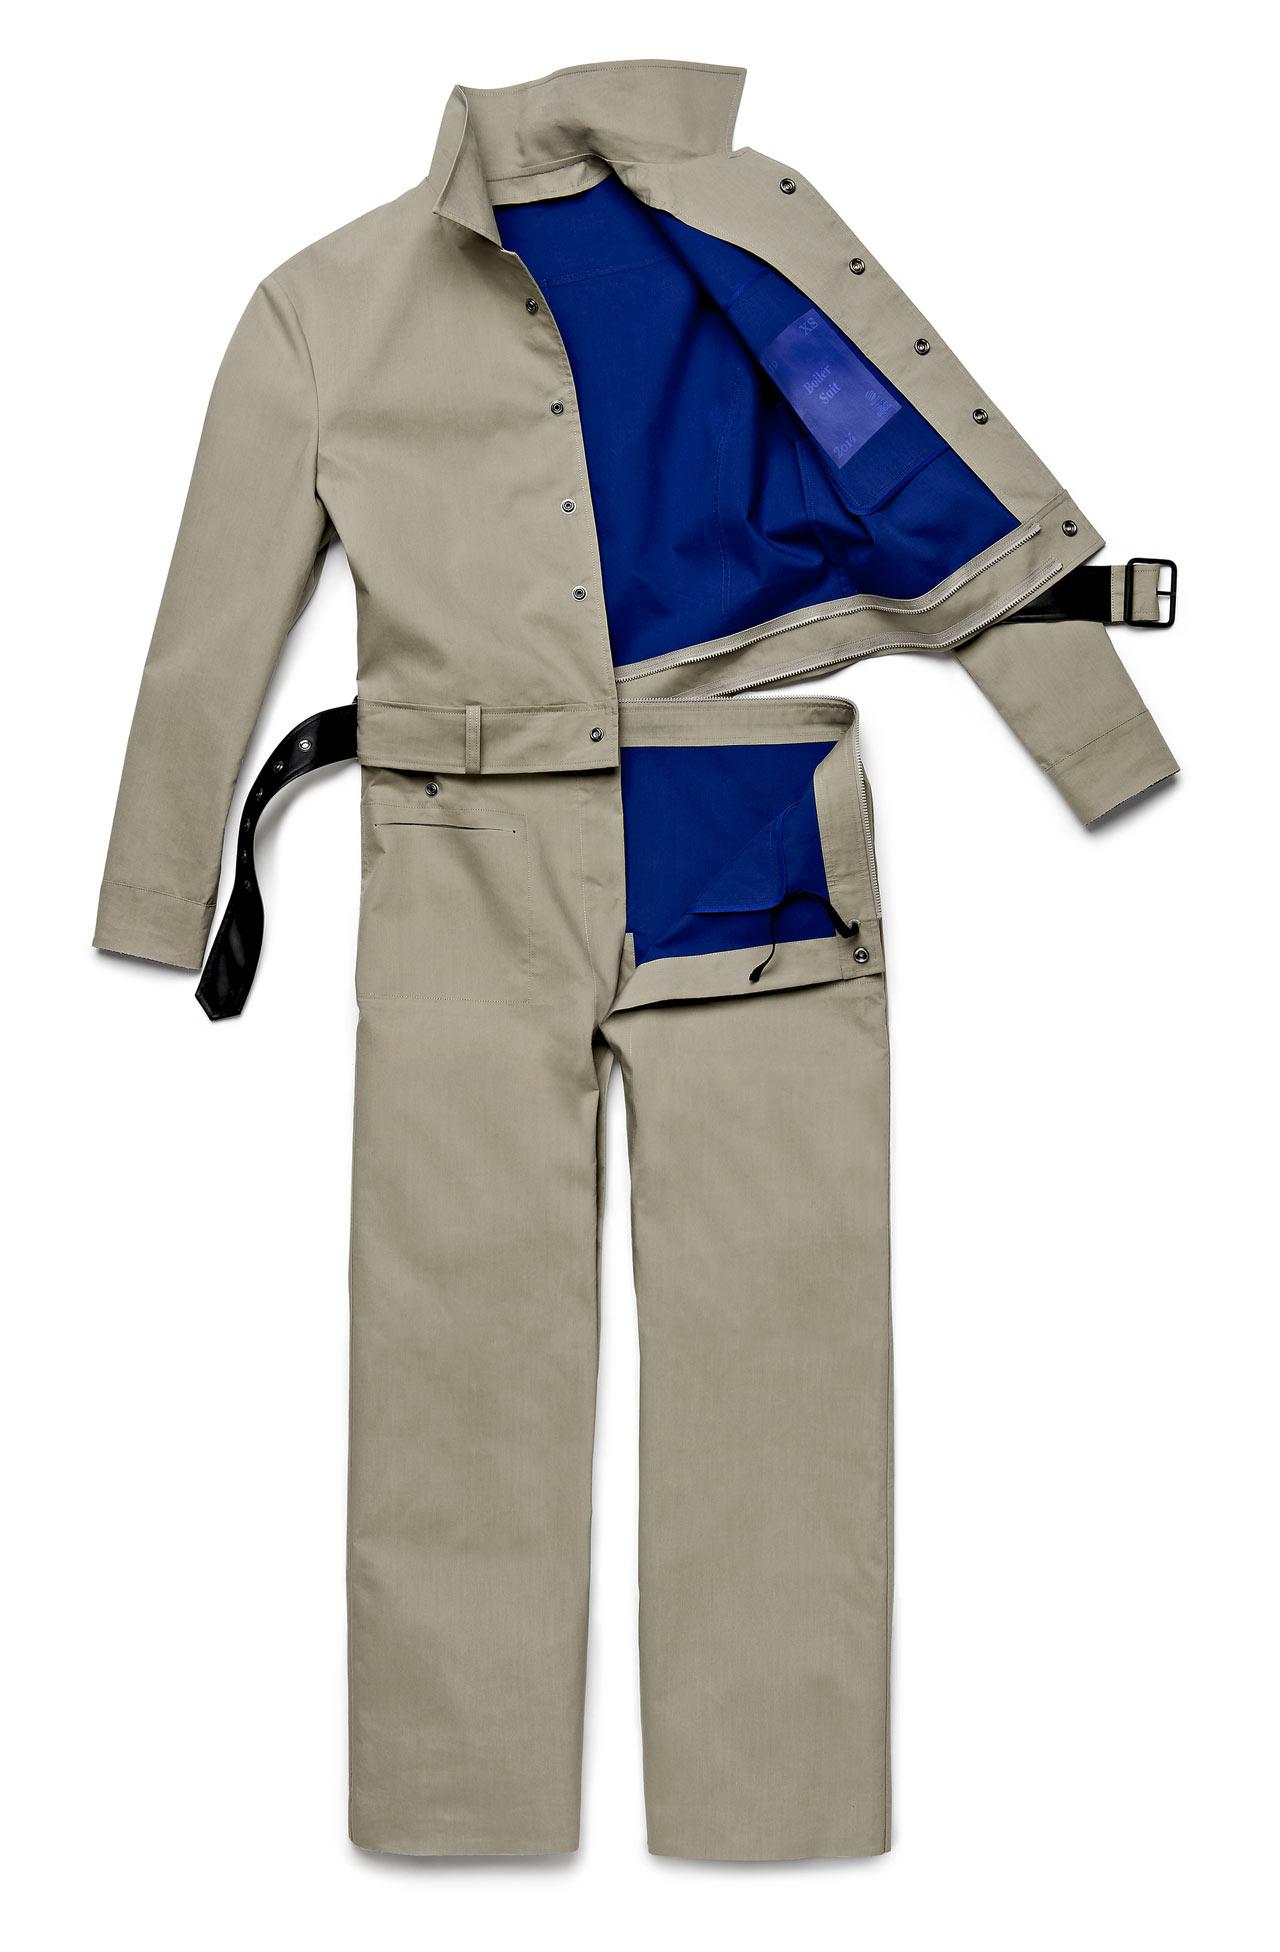 tom-dixon-adidas-outerwear